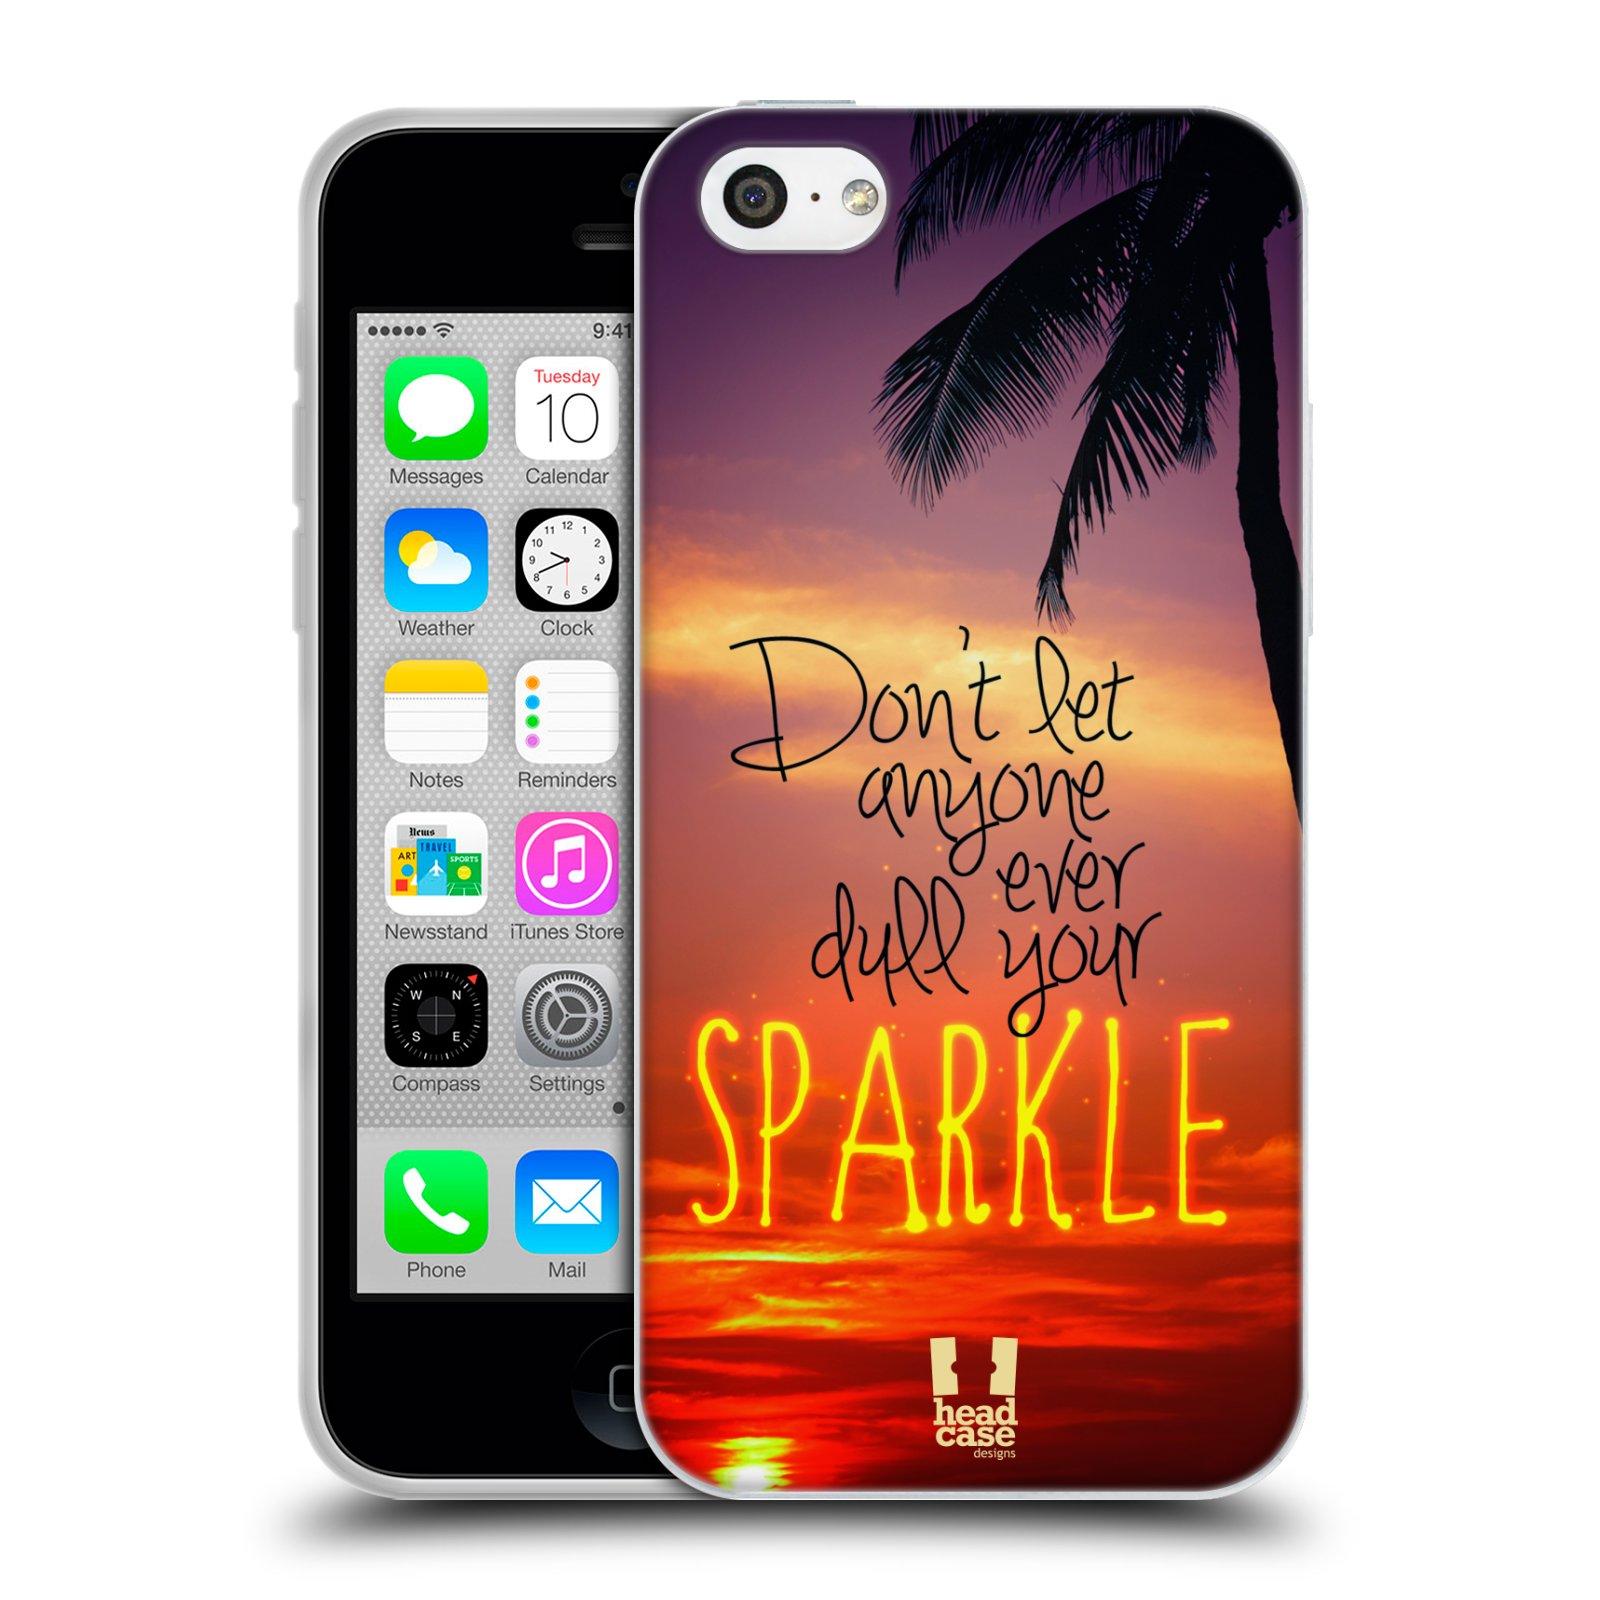 Silikonové pouzdro na mobil Apple iPhone 5C HEAD CASE SPARKLE (Silikonový kryt či obal na mobilní telefon Apple iPhone 5C)